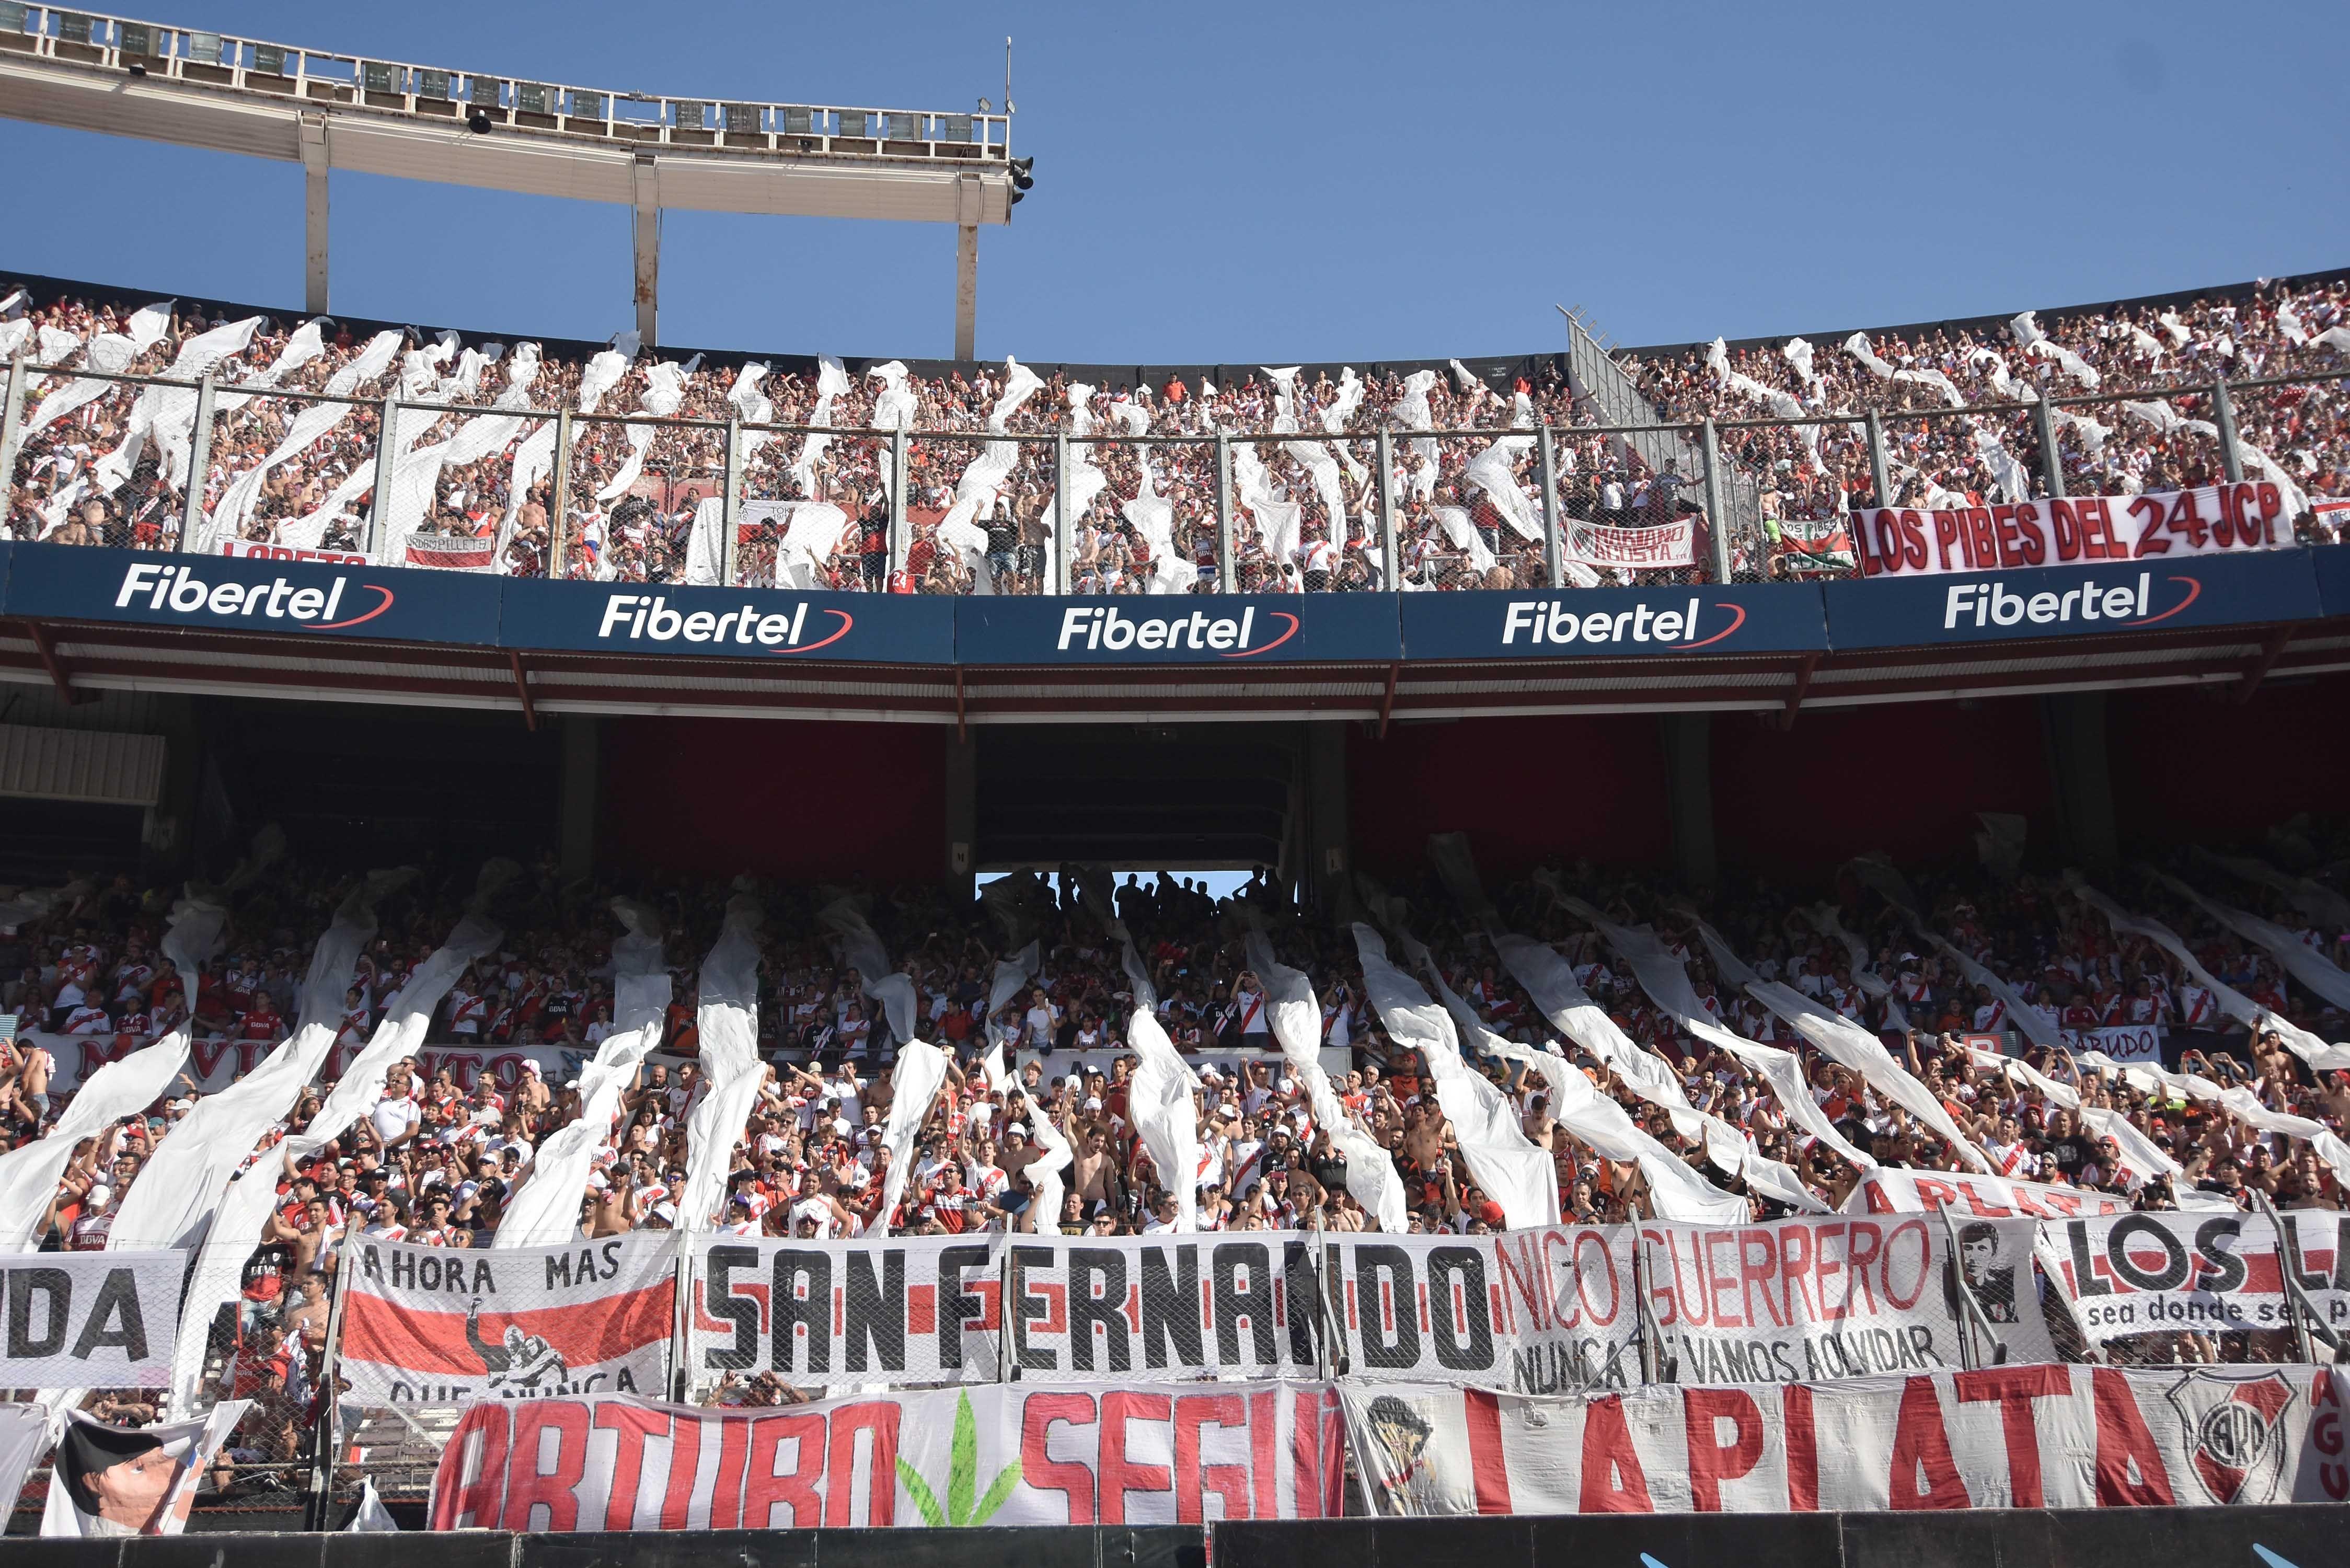 Los hinchas de River quieren revancha en Córdoba